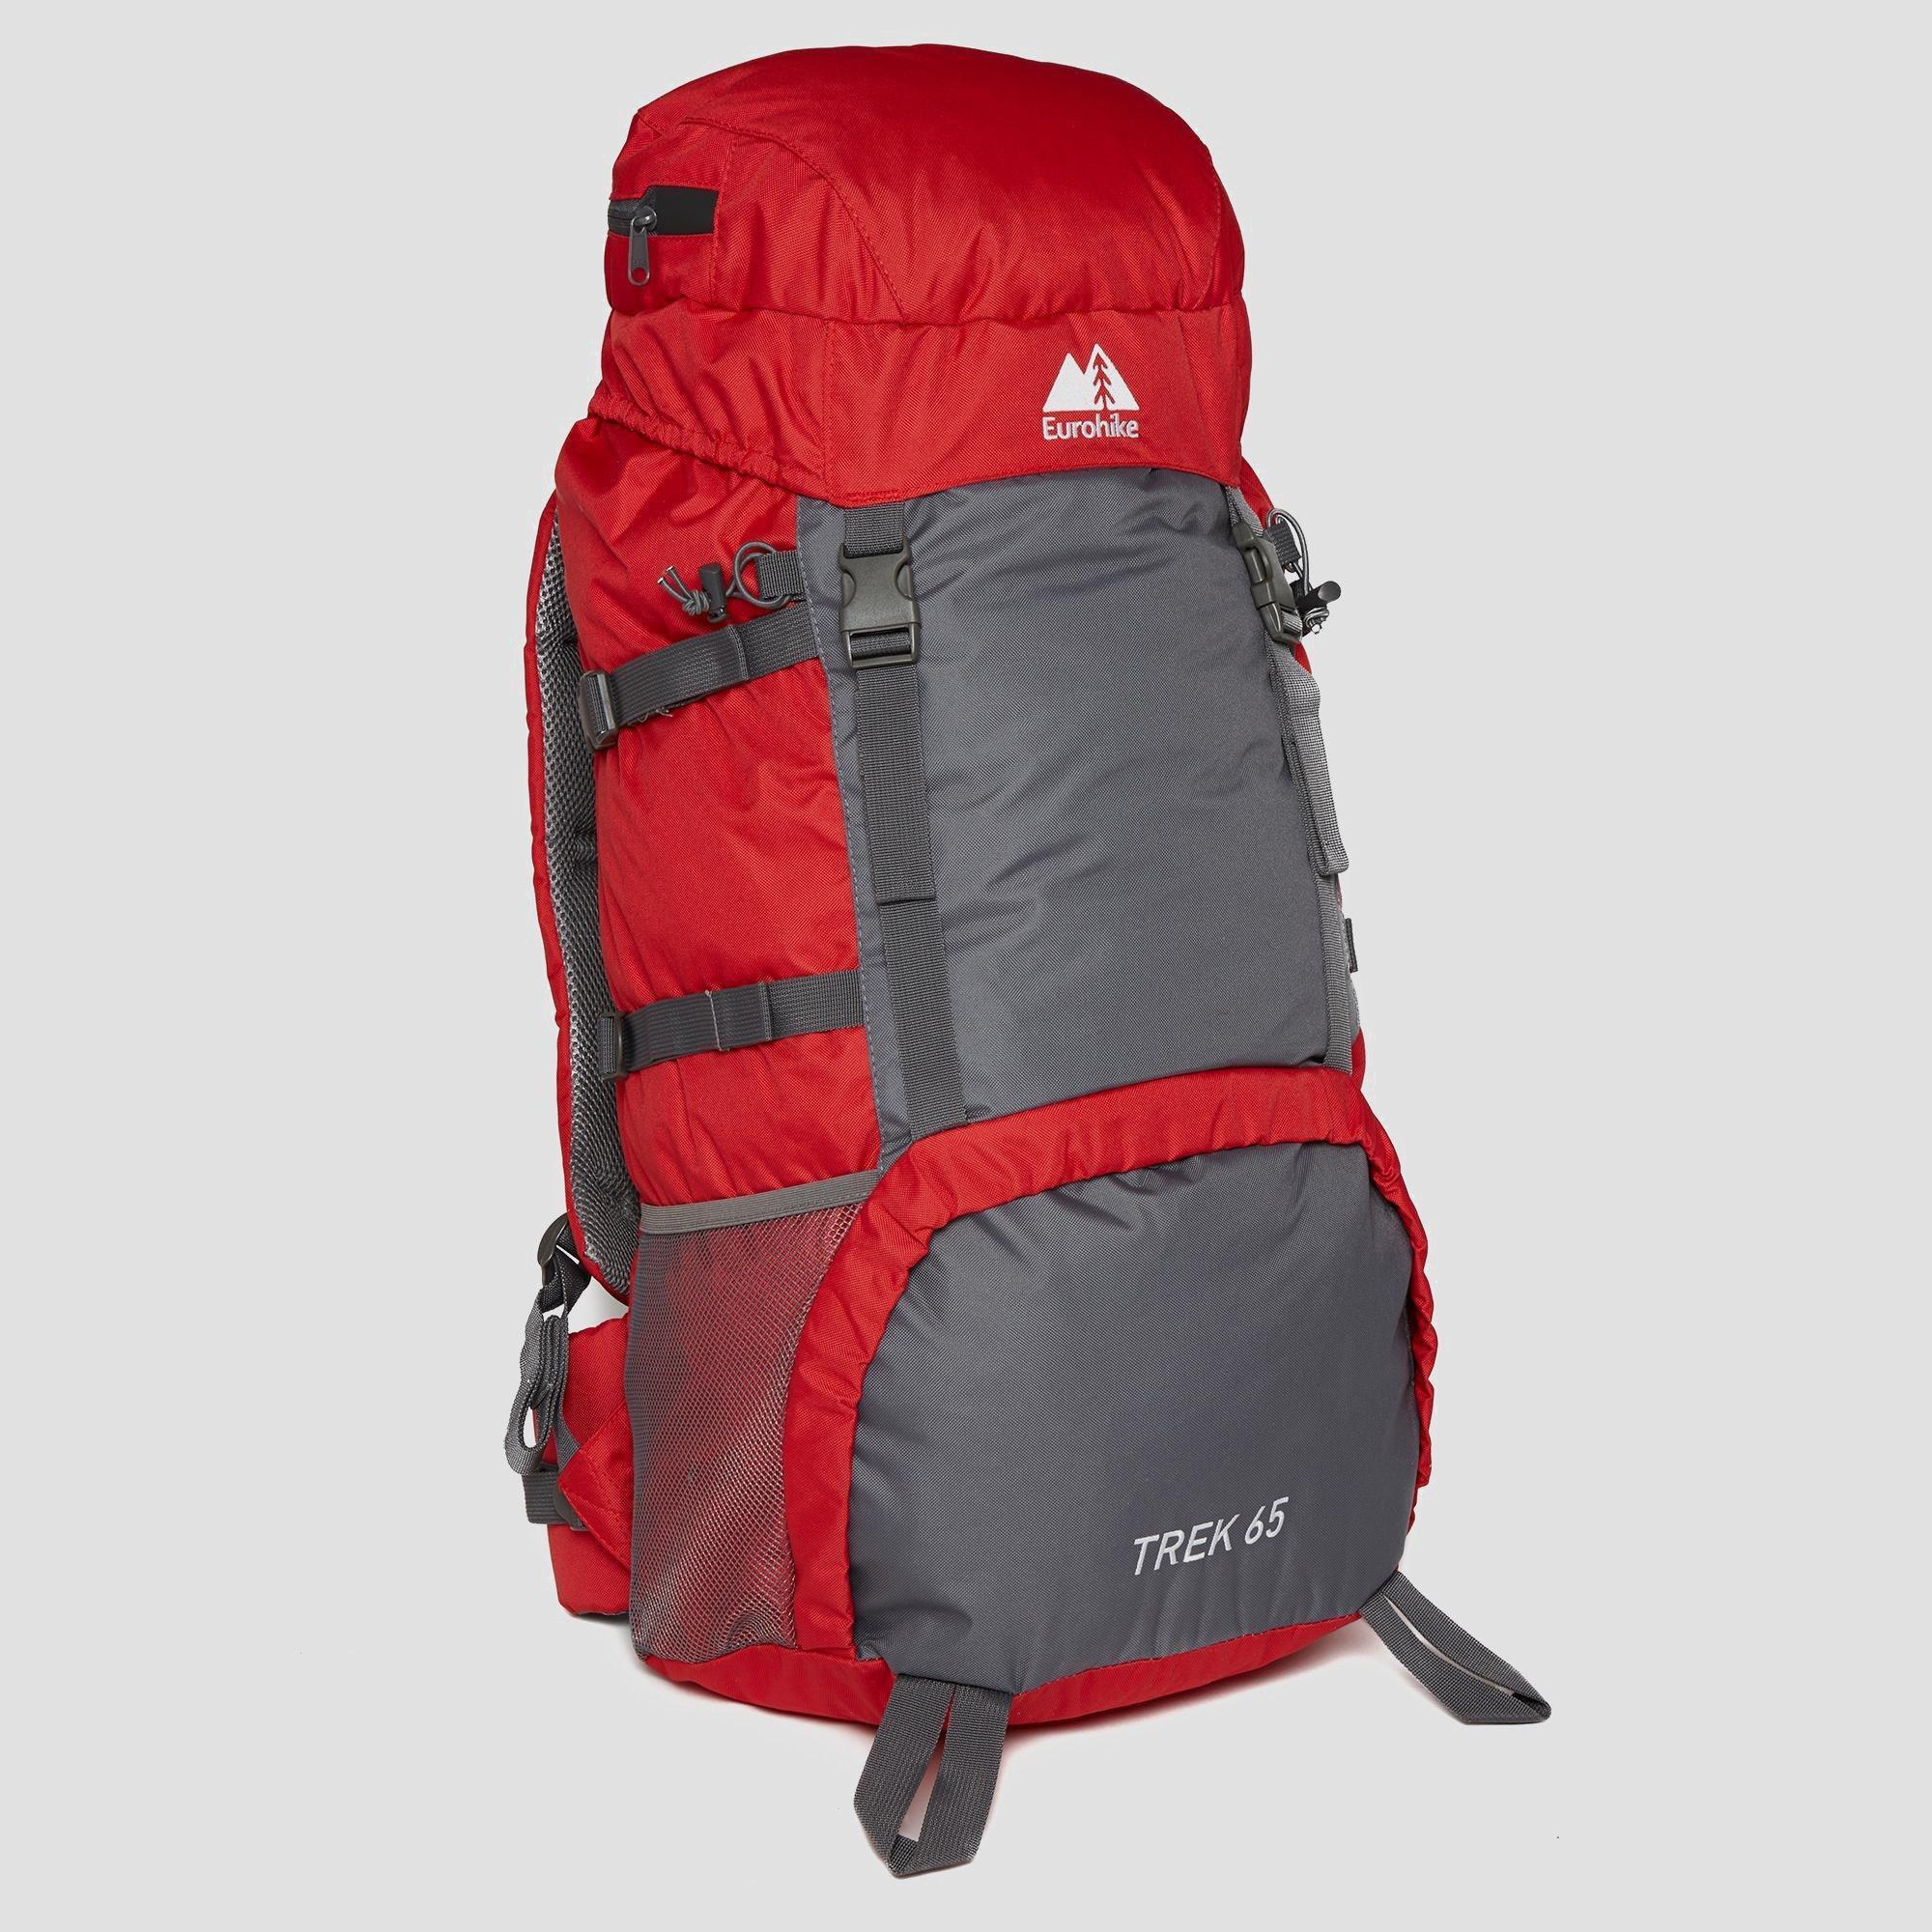 Eurohike Eurohike Trek 65L Backpack - Red, Red